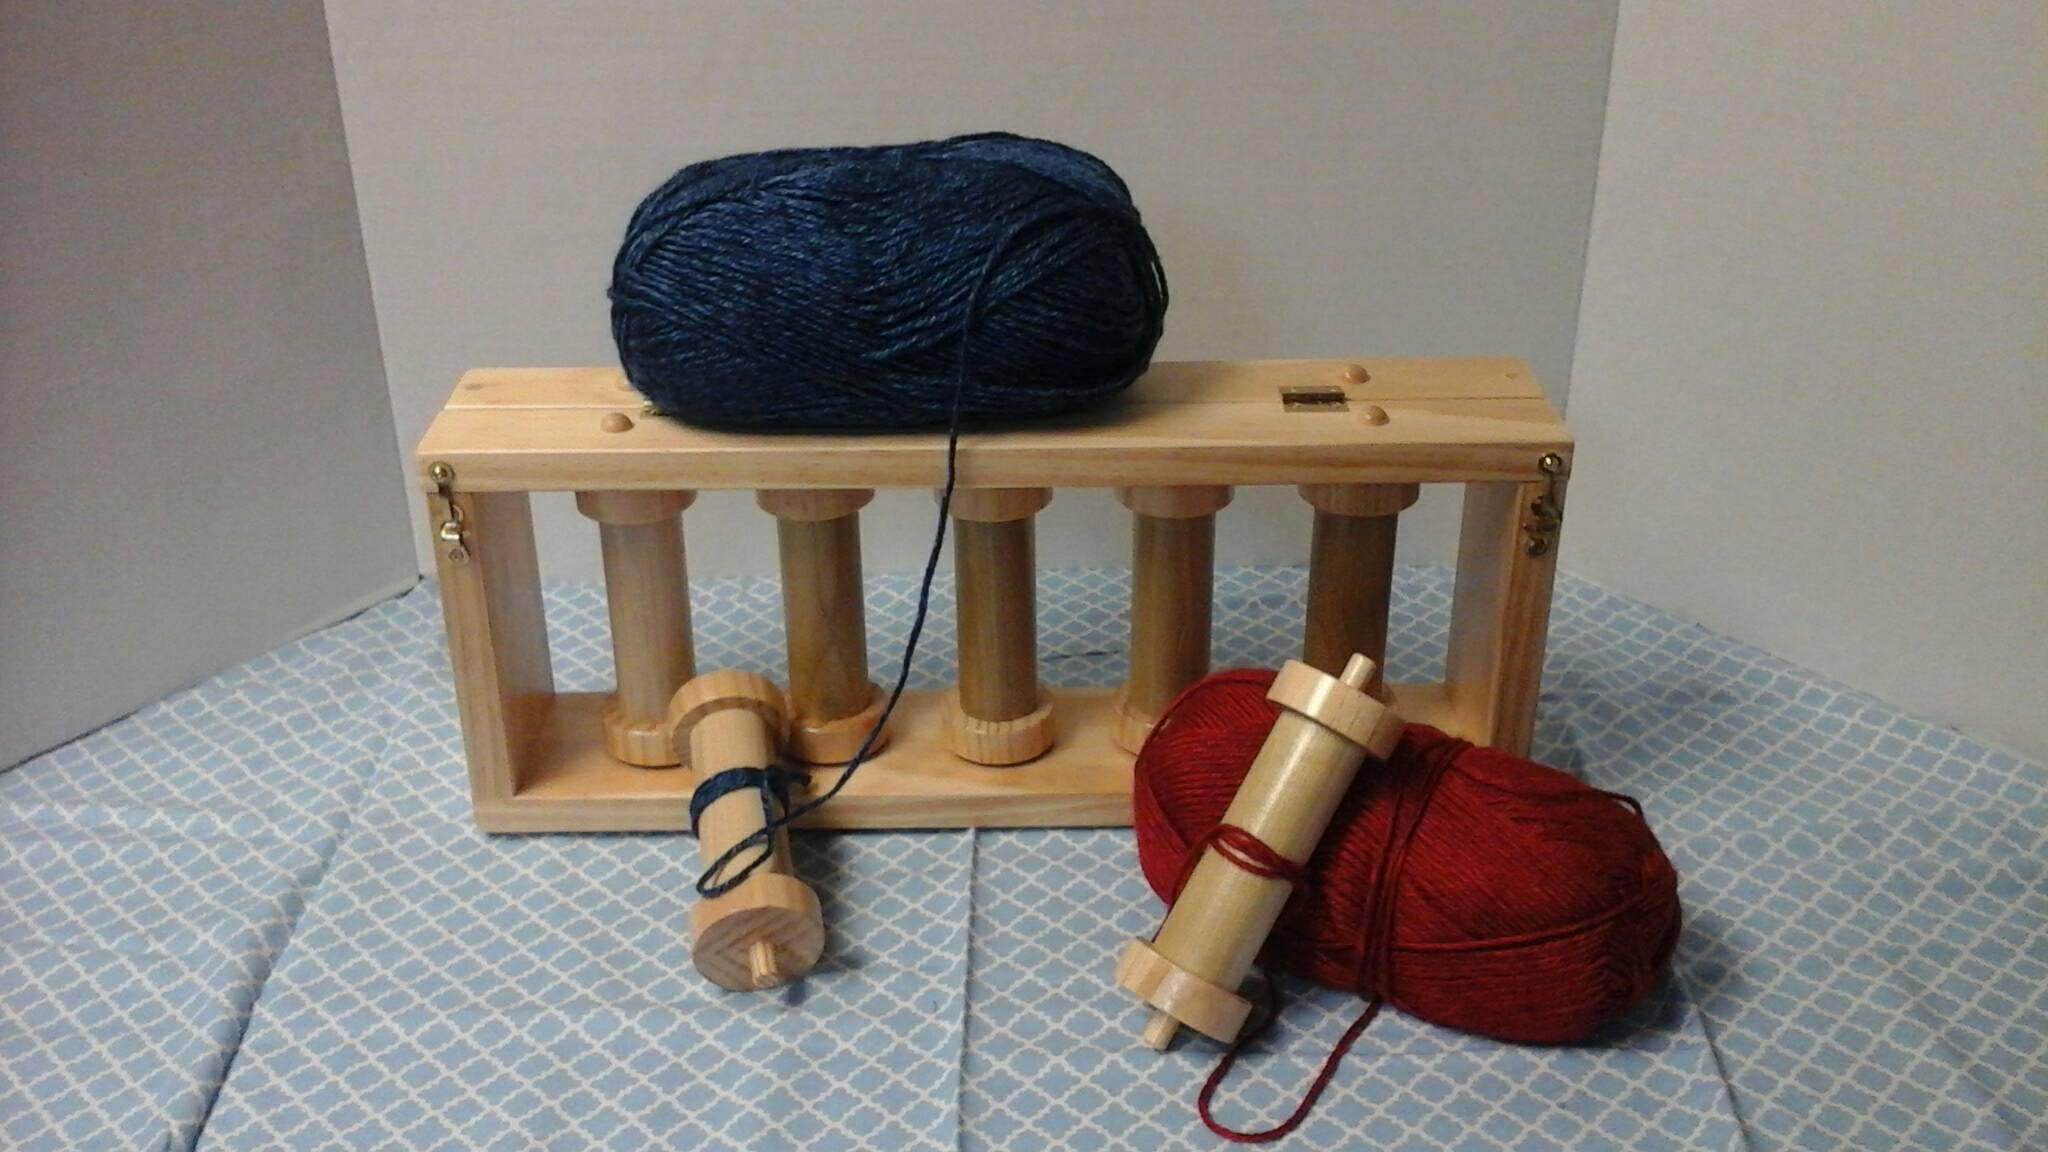 Wooden Knitting Wool Holder : Handmade wooden yarn bobbin holder for graphghan